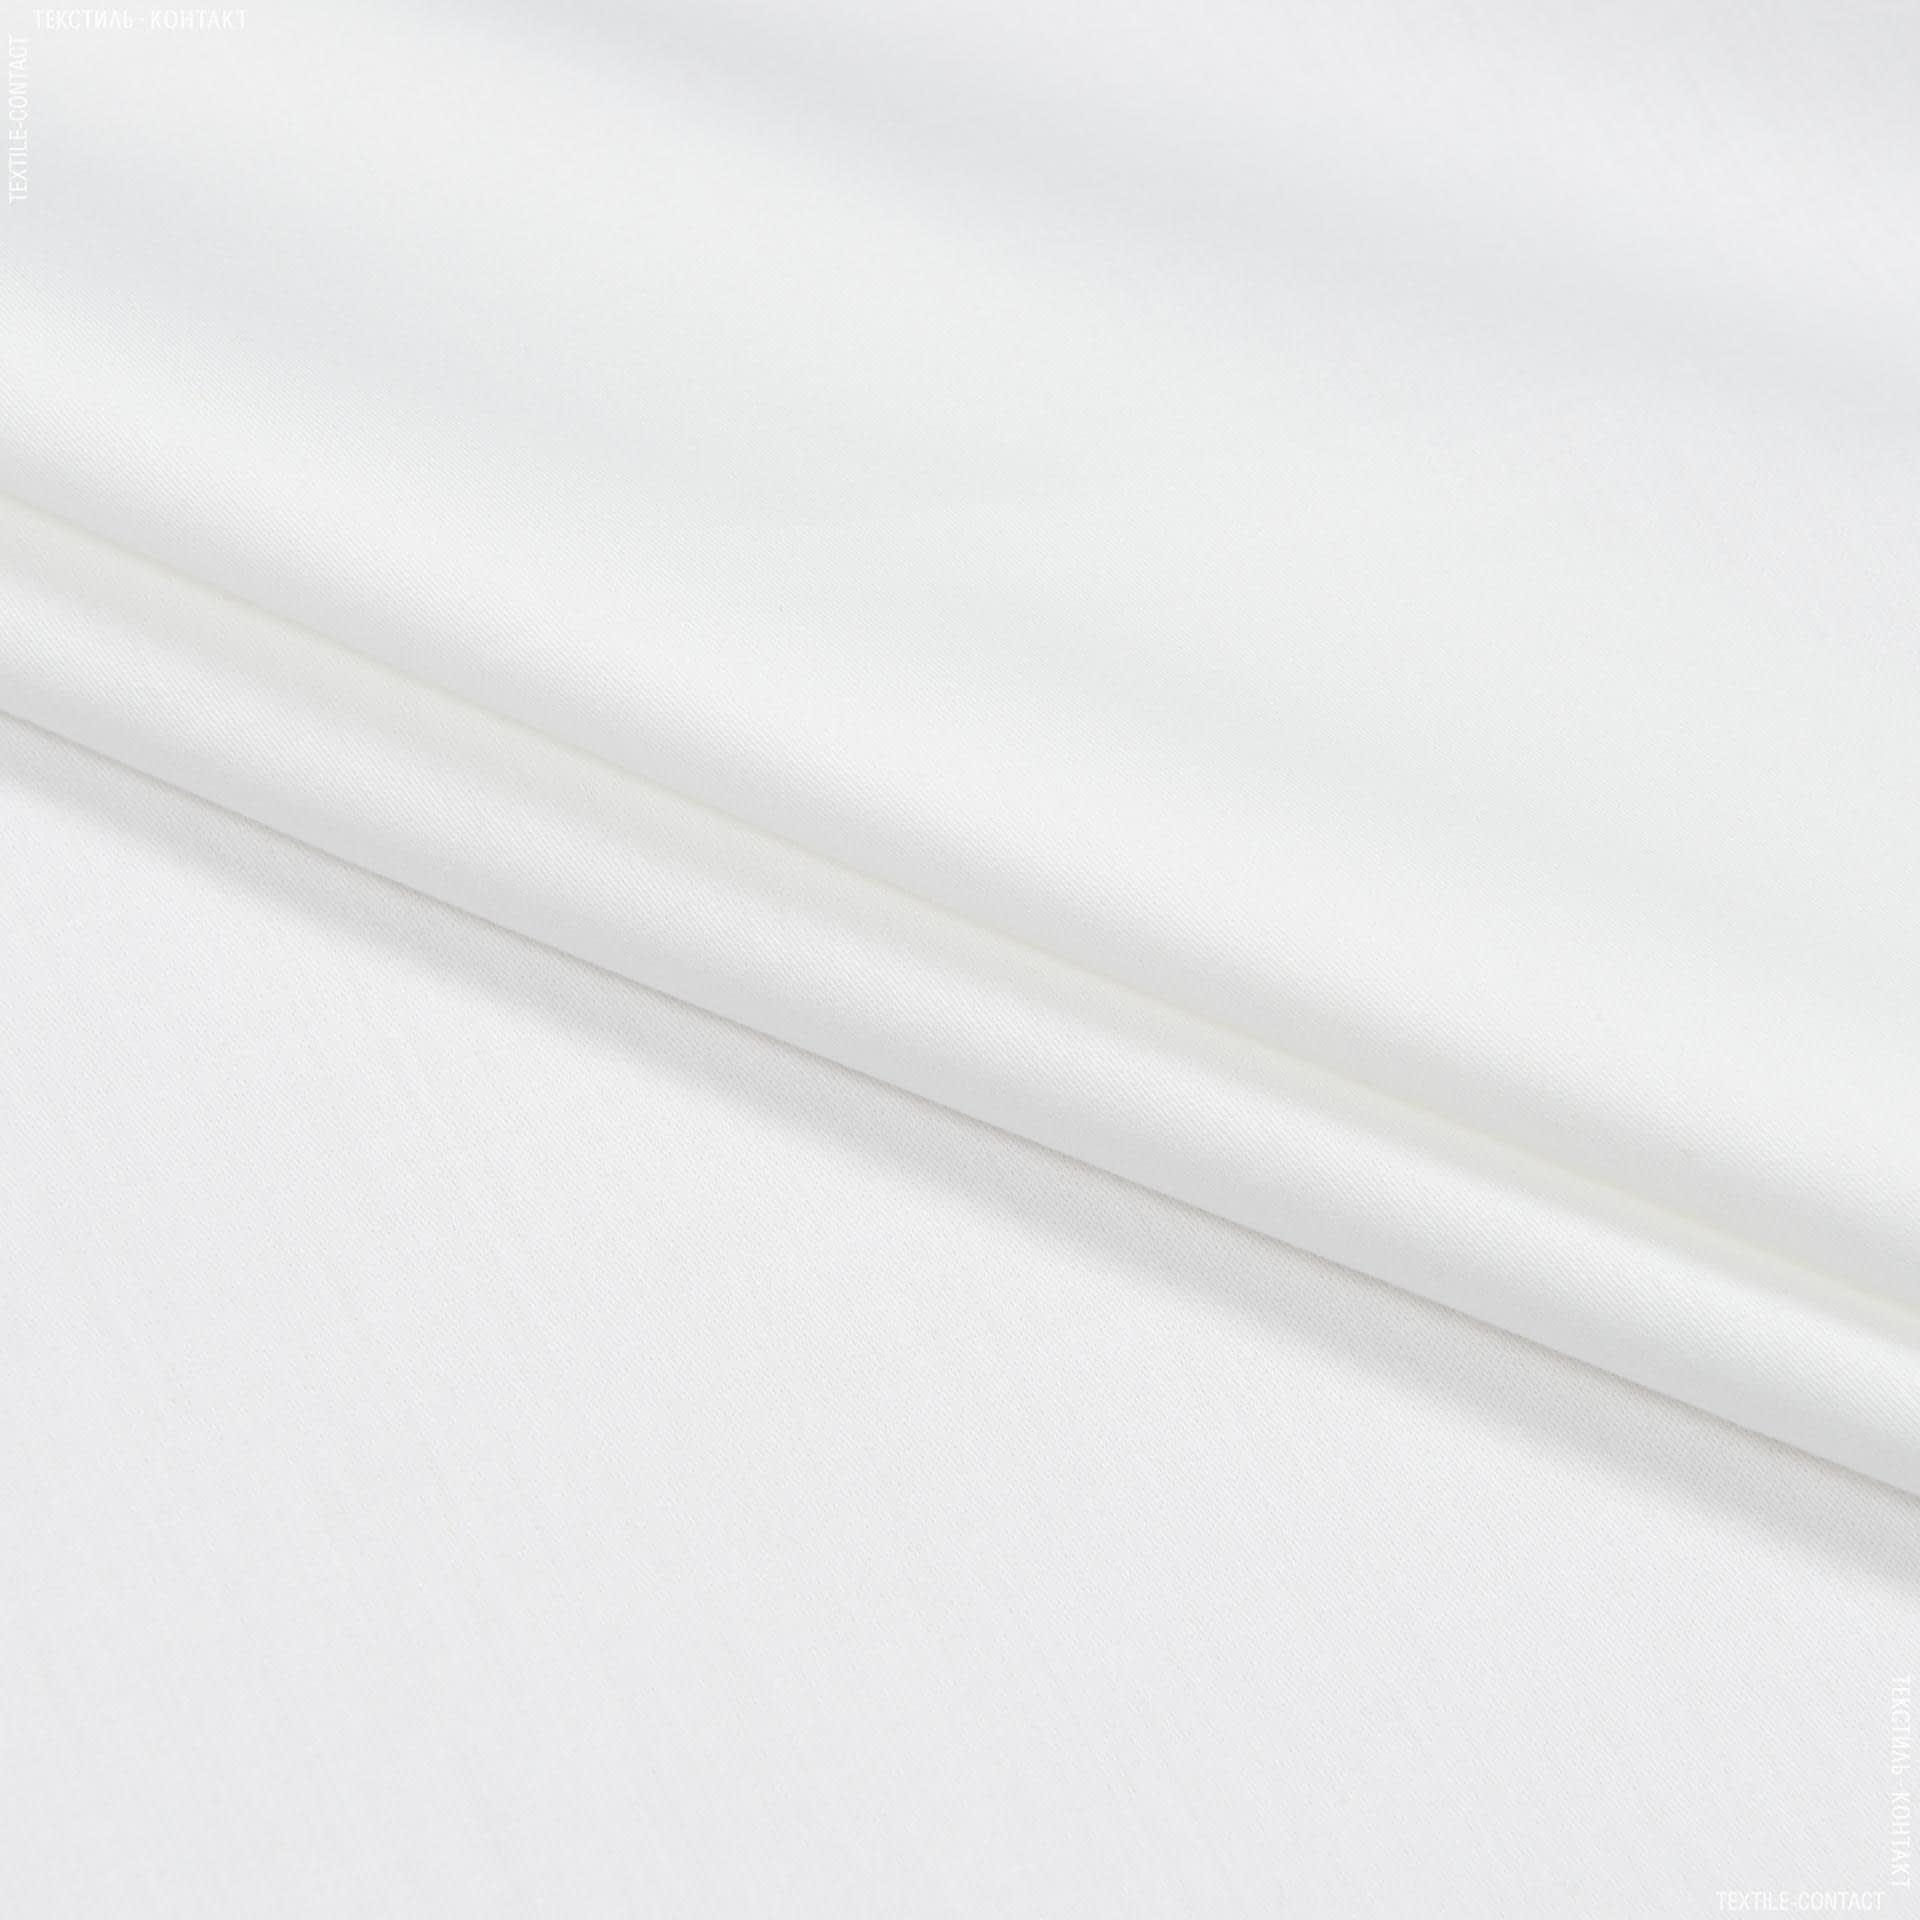 Ткани для детского постельного белья - Евро сатин   лисо / eurosaten liso  молочный